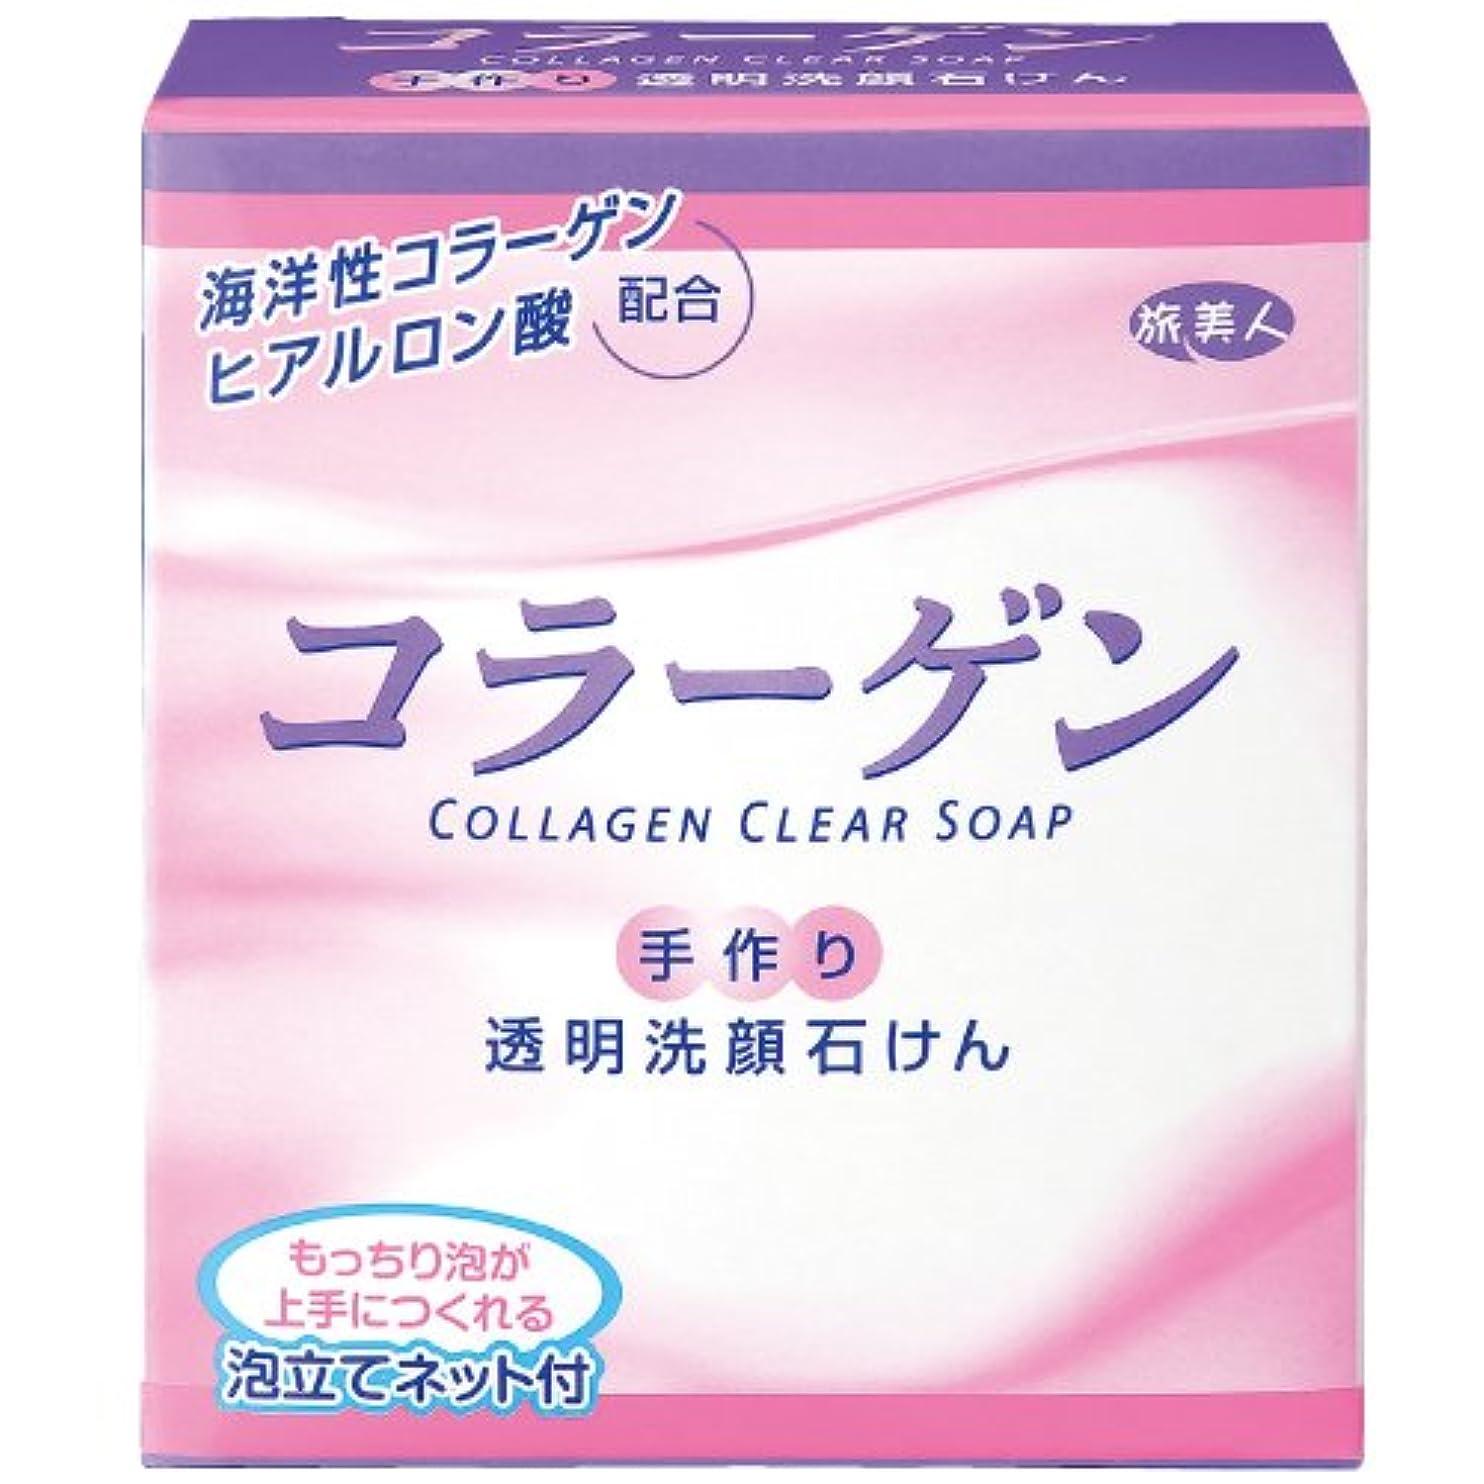 アズマ商事の コラーゲン透明洗顔石鹸 手作り